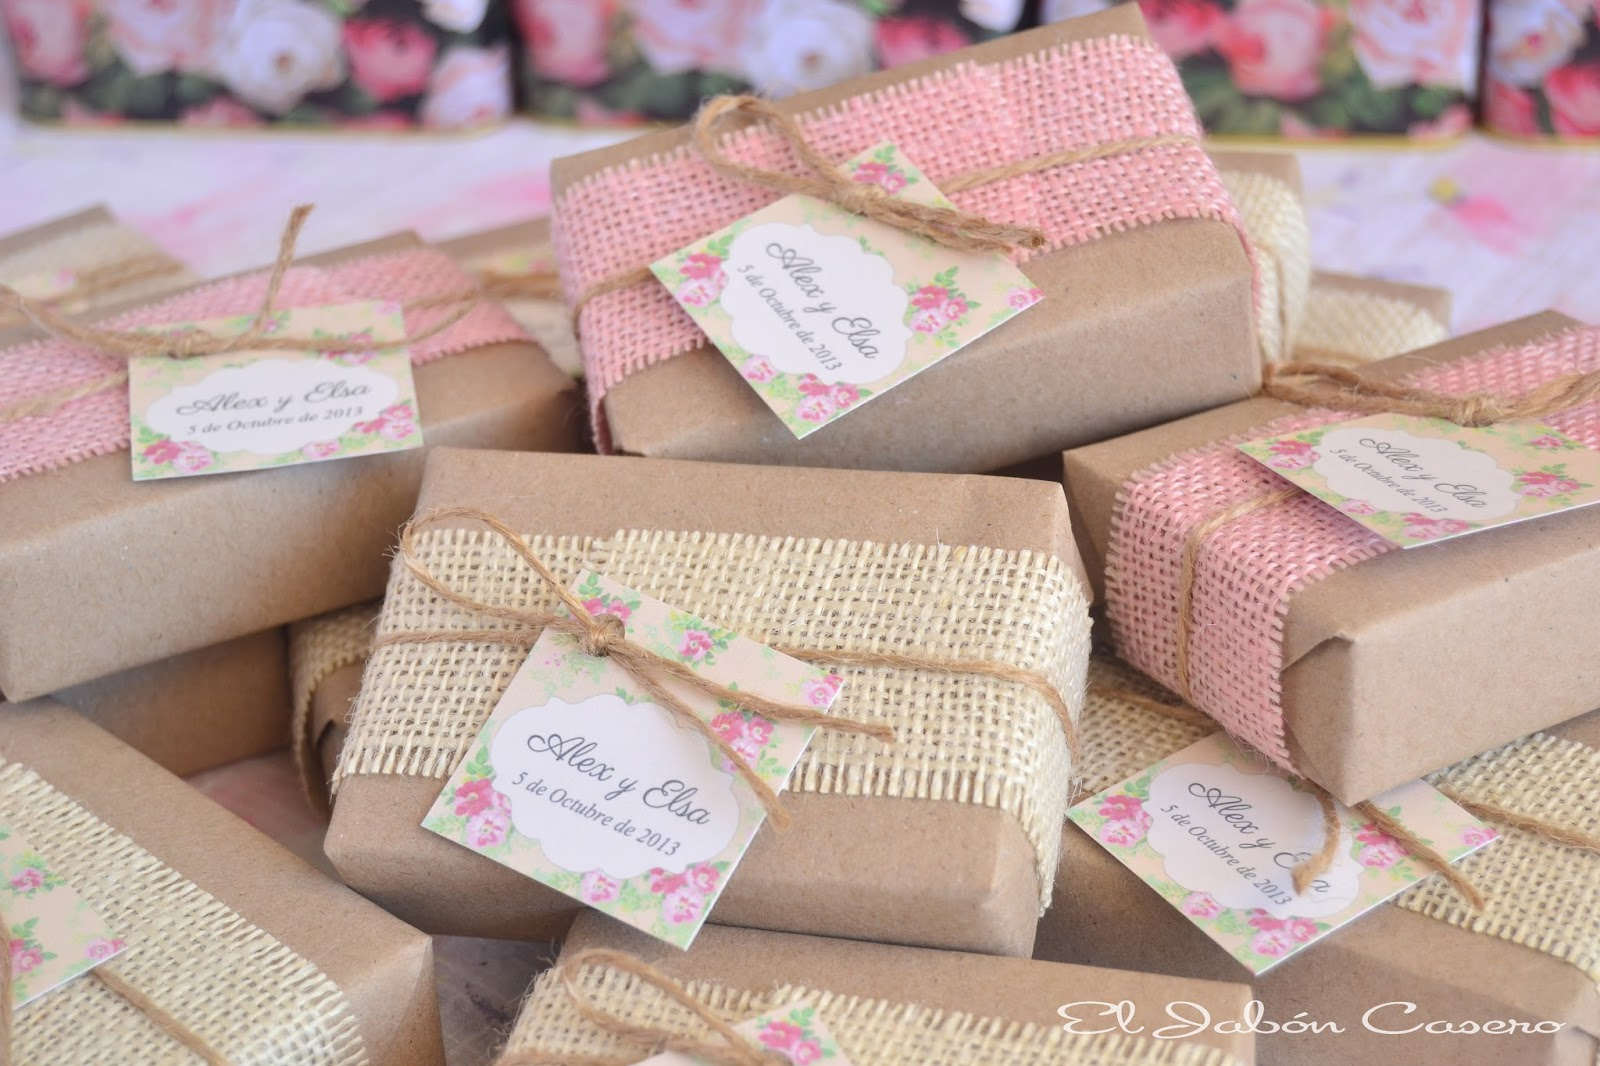 El jab n casero detalles de boda el jab n casero - Detalles para los invitados de boda ...